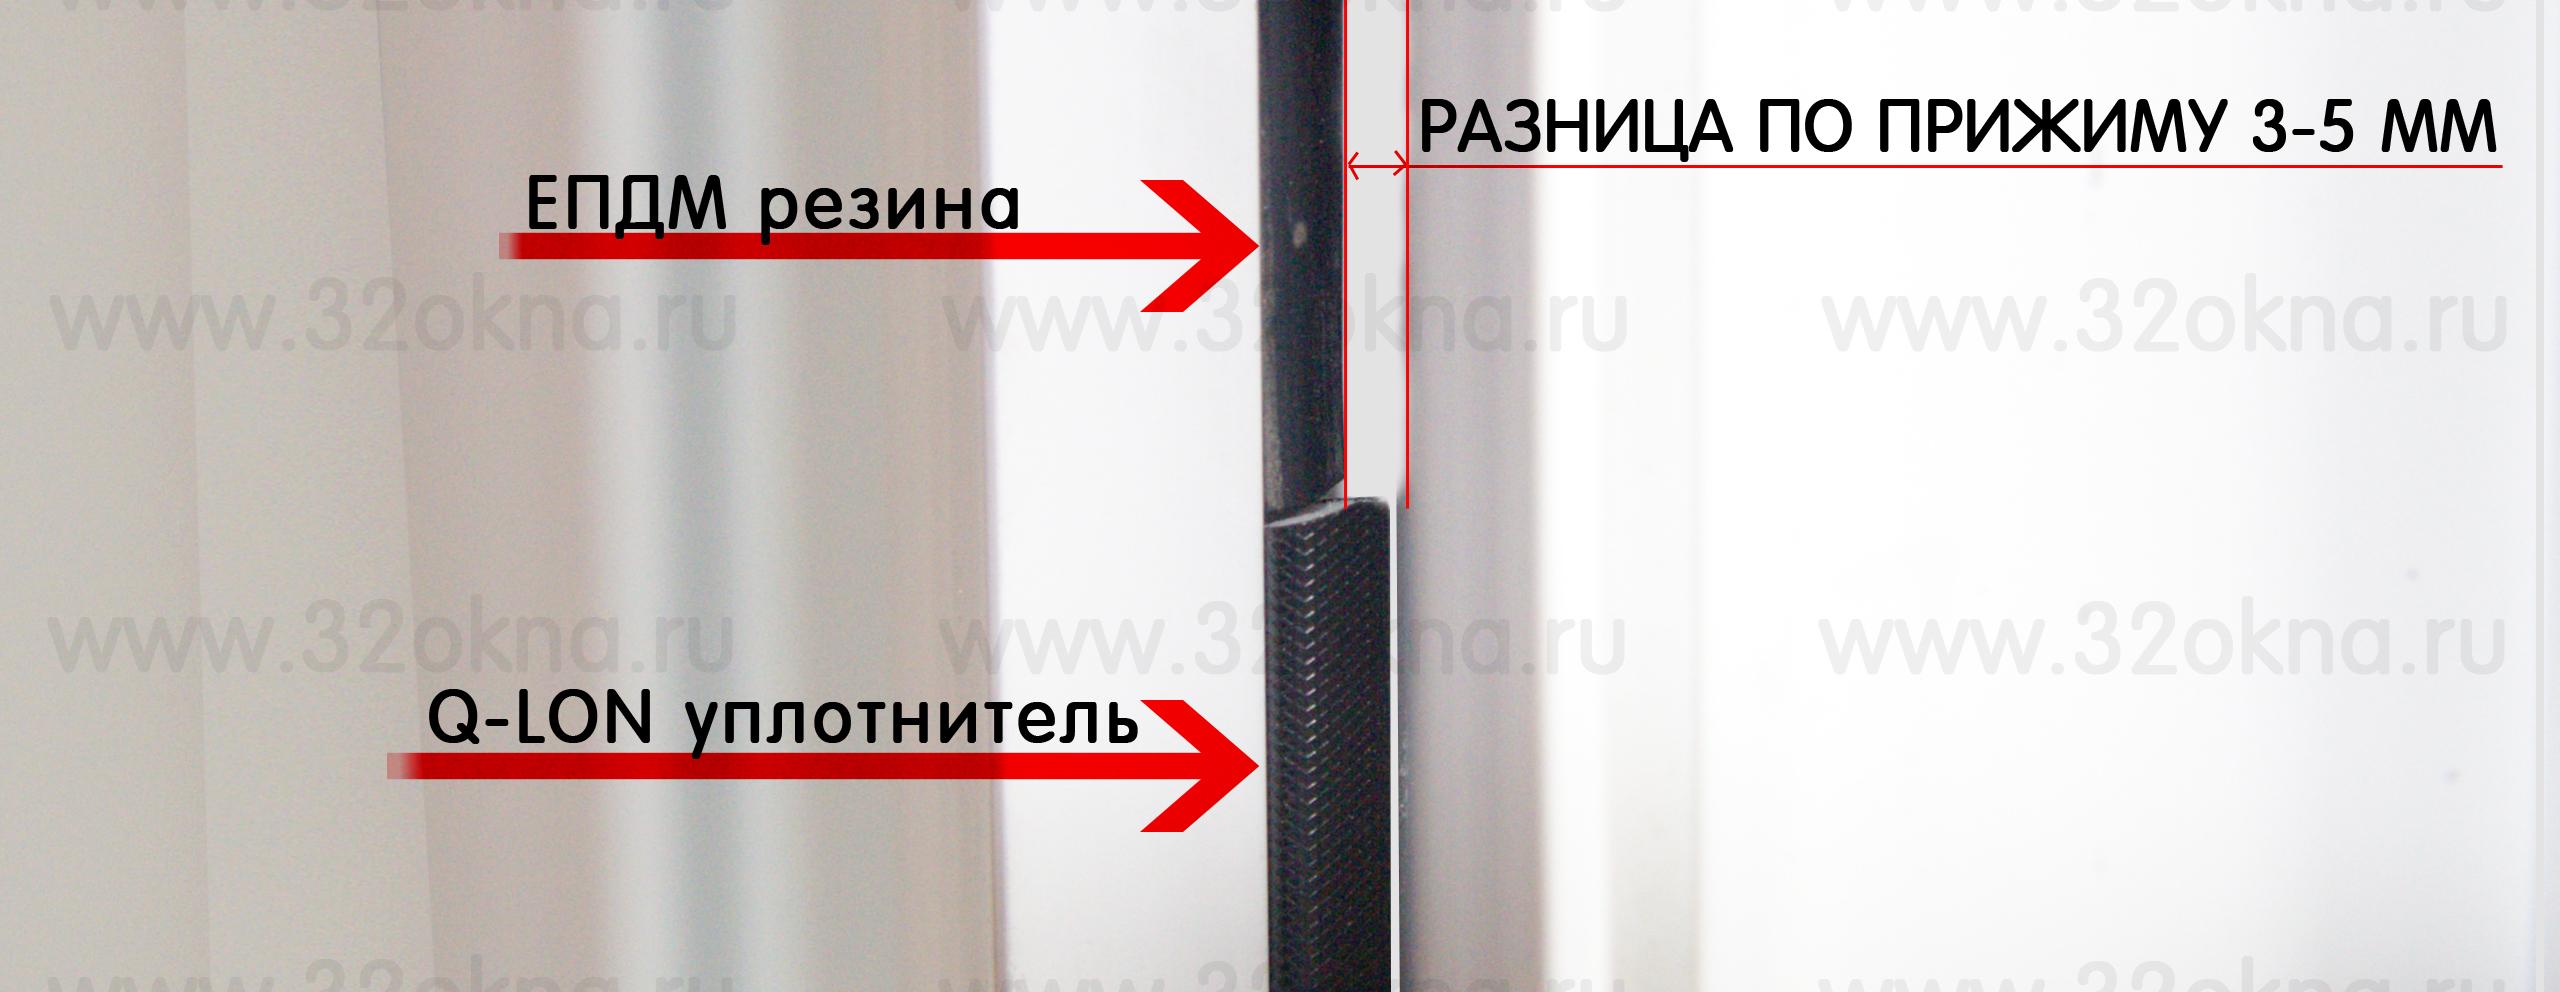 Резина для пластиковых окон купить пластиковые окна теплопроводность